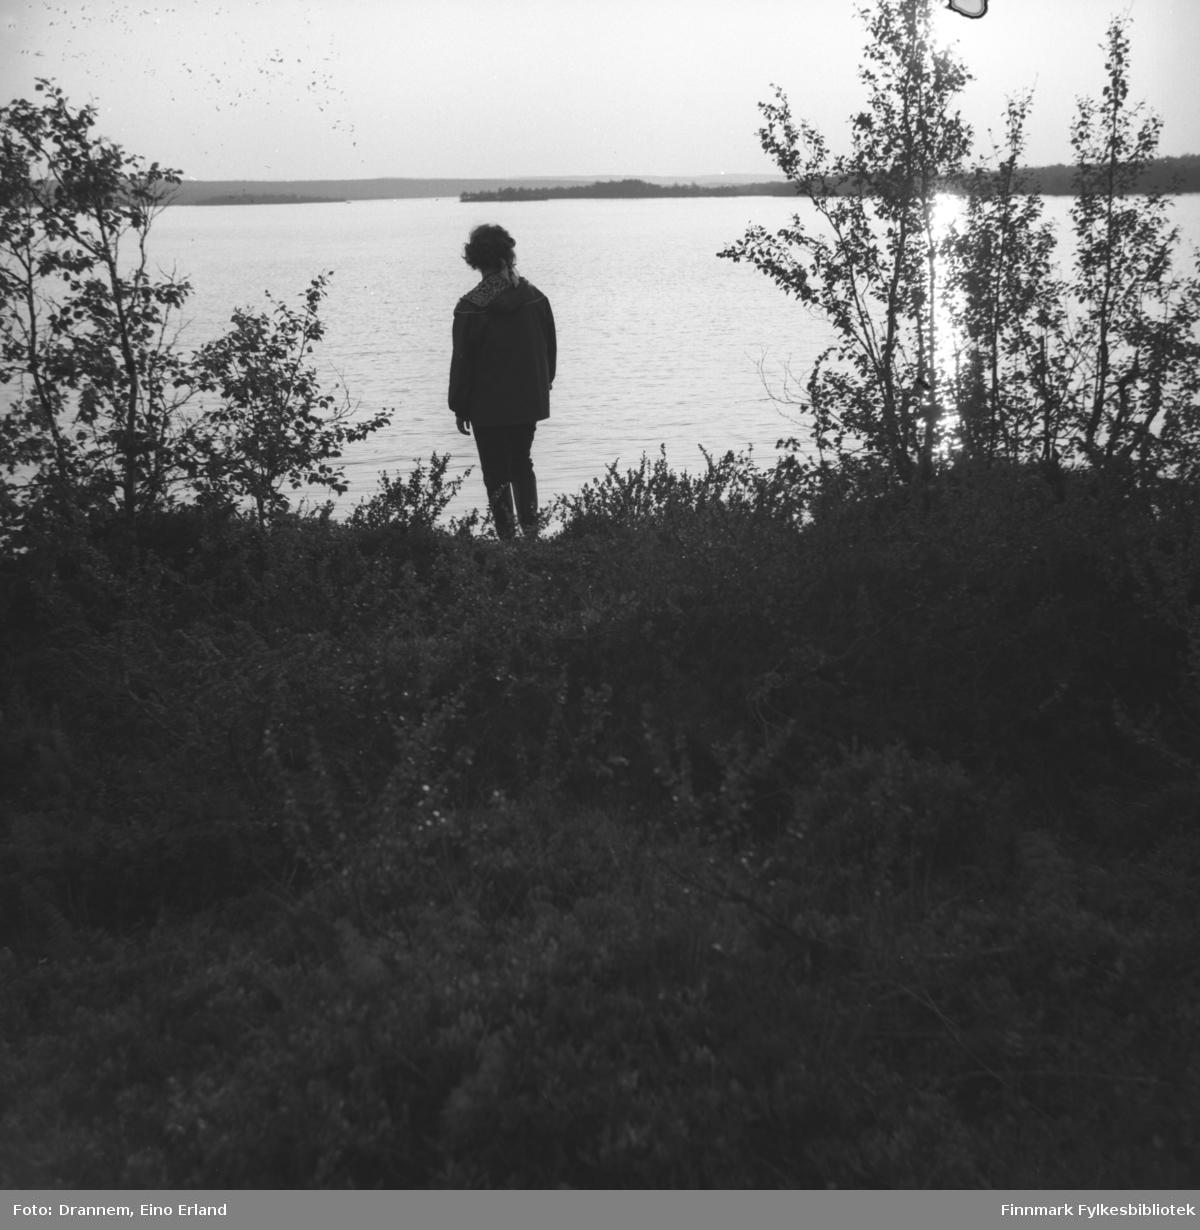 Turid Karikoski ved bredden av en innsjø. Stedet er ukjent.